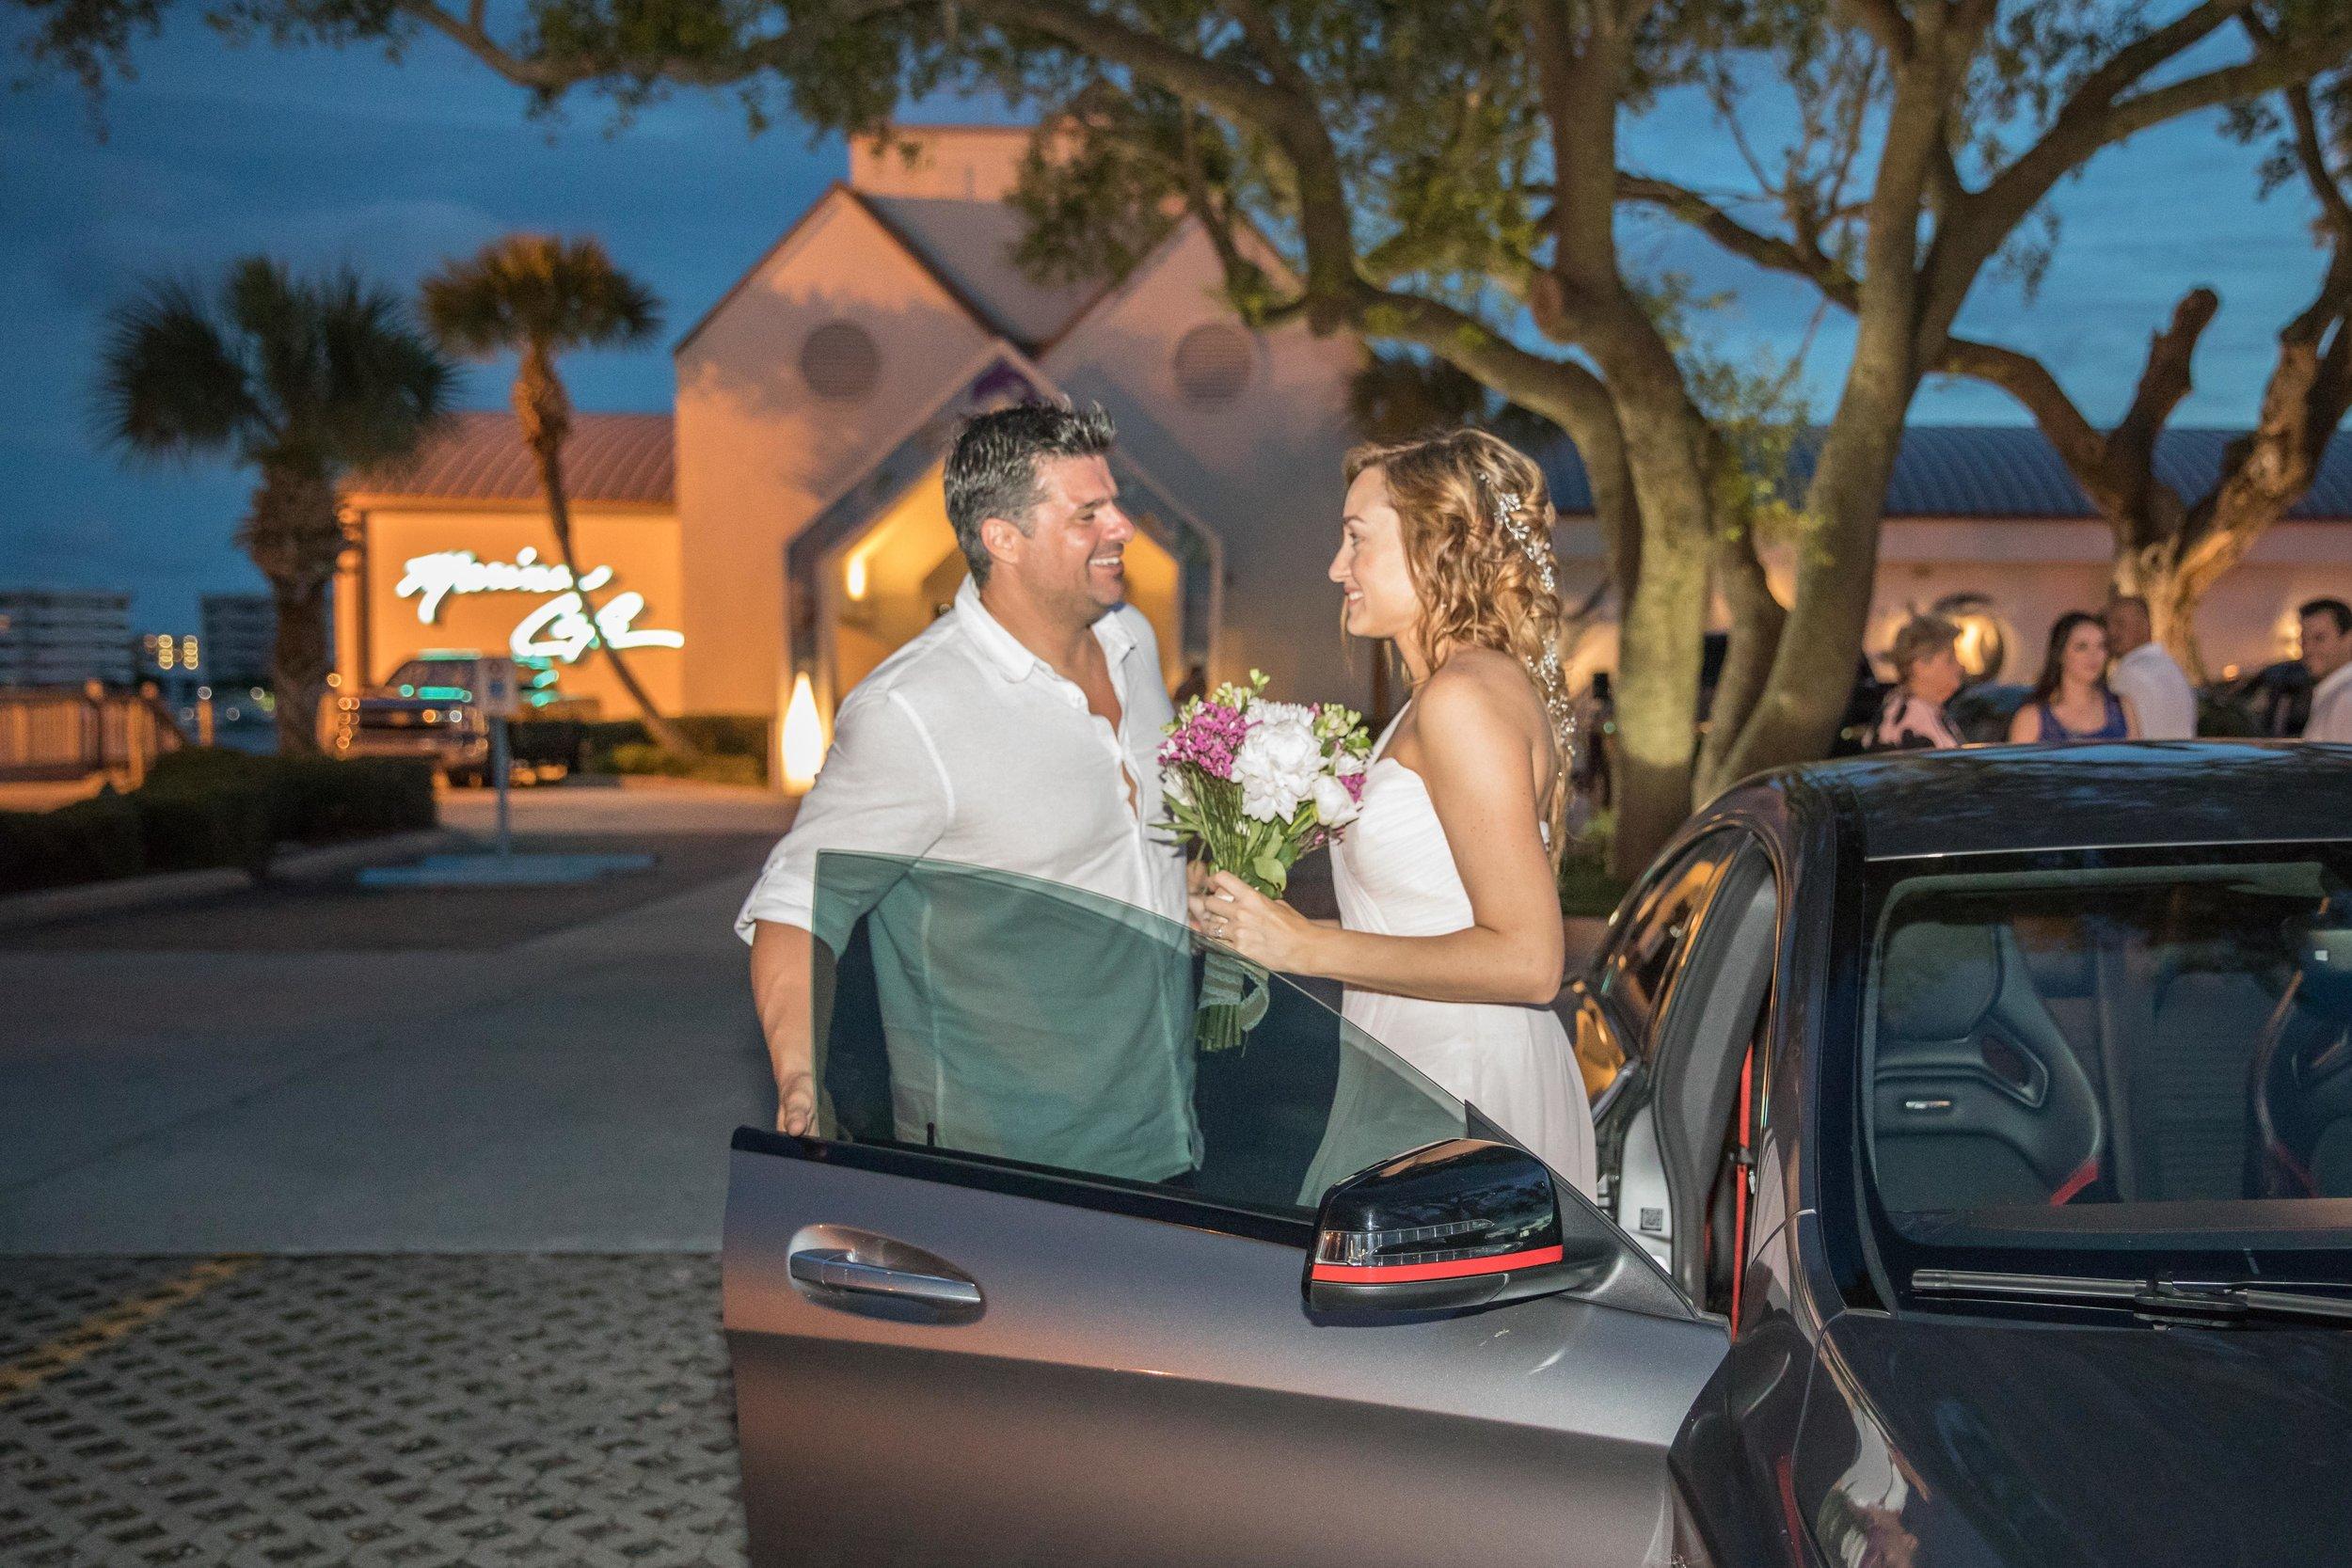 destin beach wedding package picture51_ (6).jpg